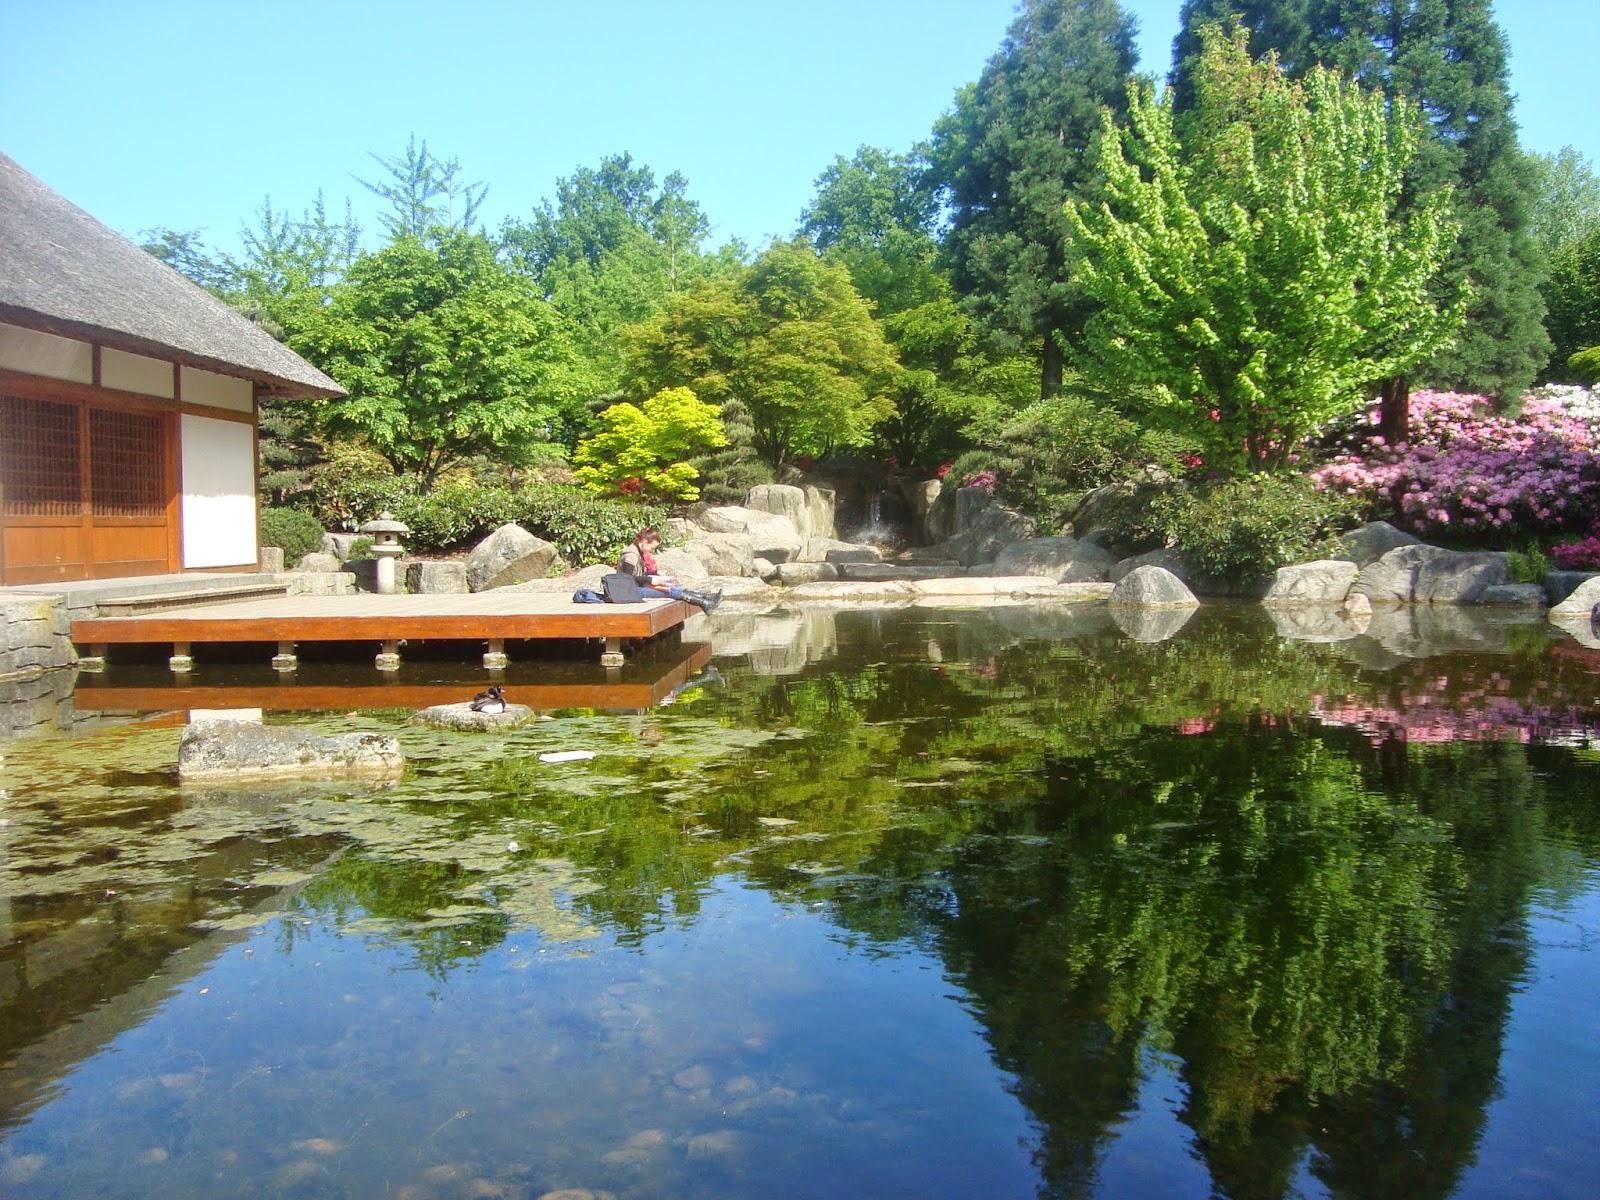 Κεντρική λίμνη Ιαπωνικού κηπου